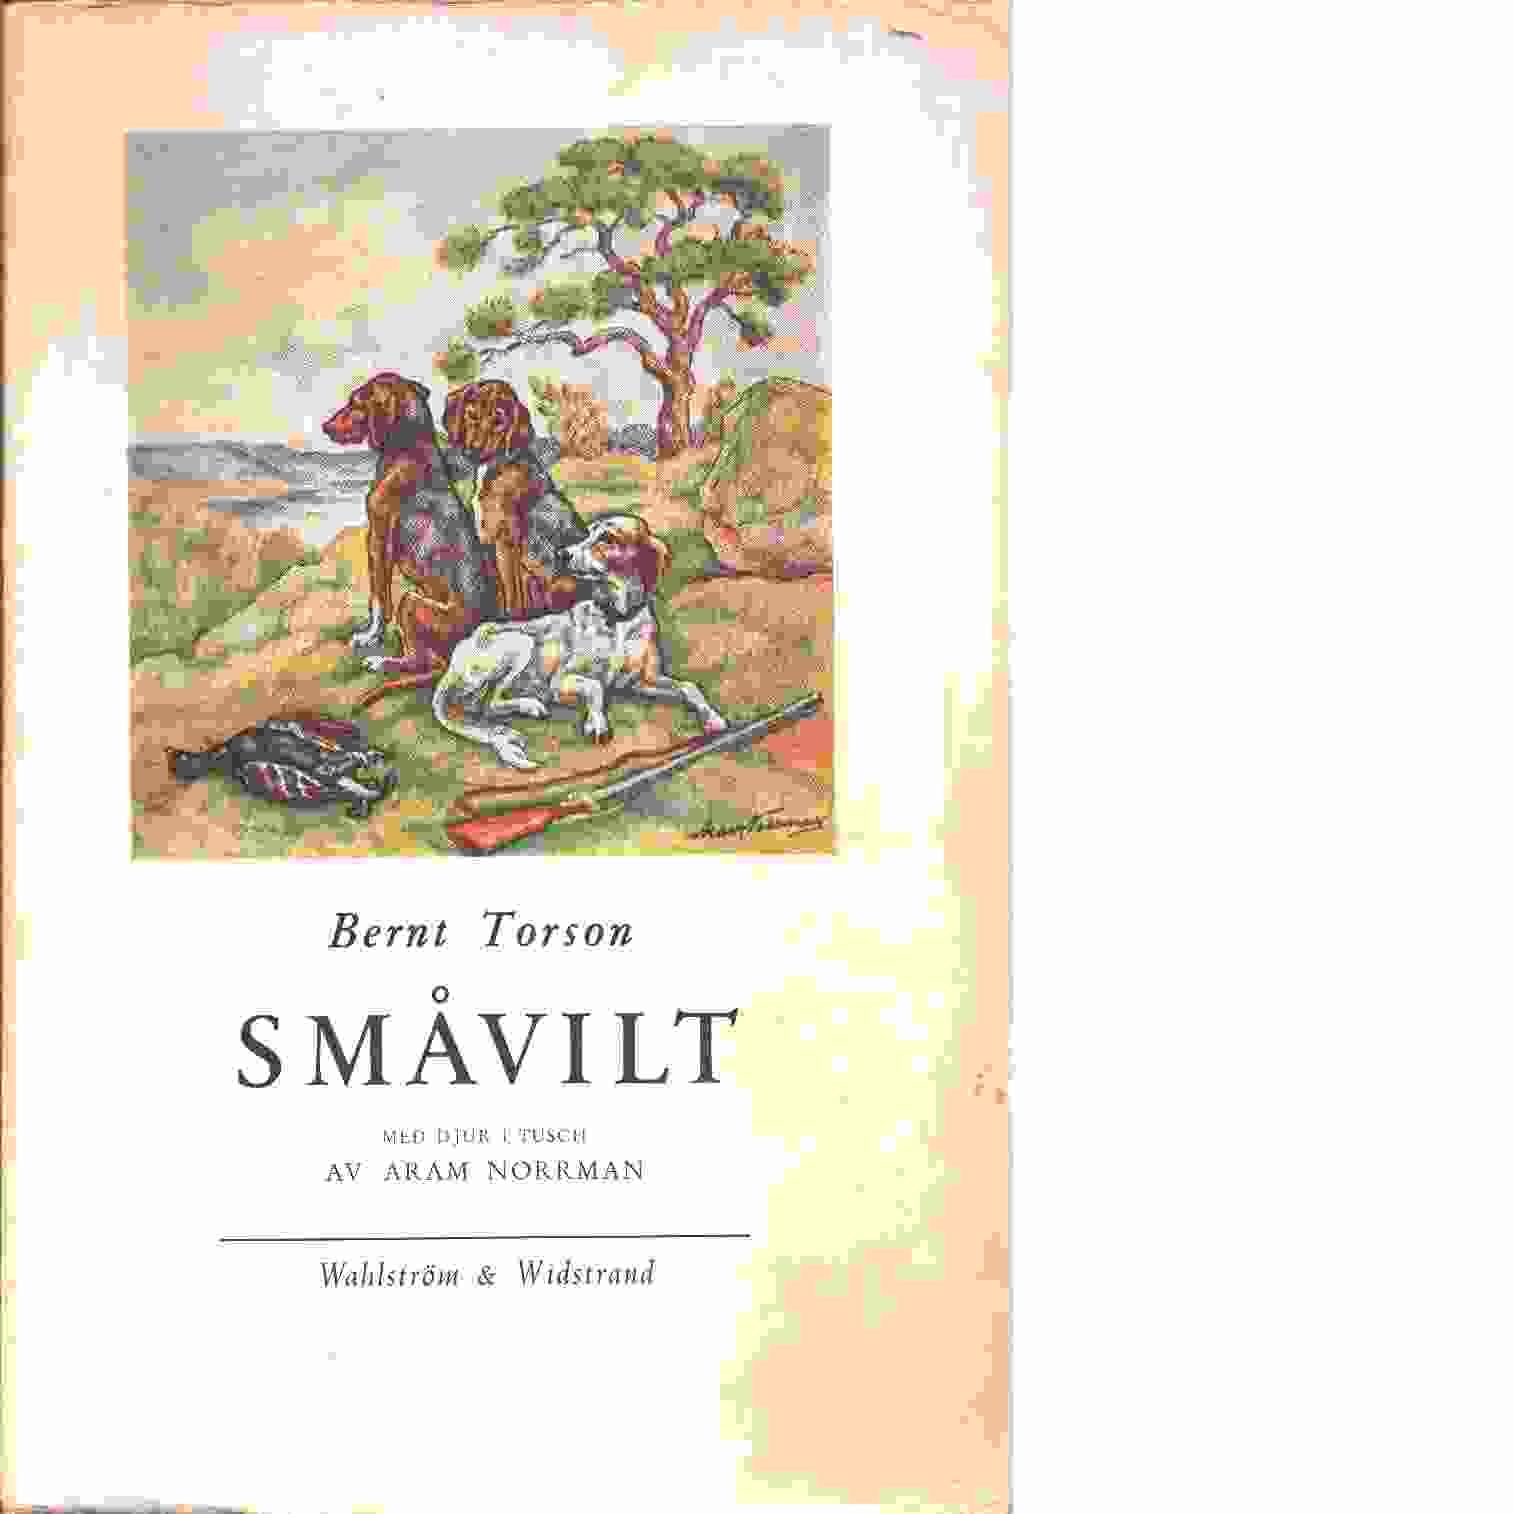 Småvilt / [med djur i tusch av Aram Norrman] - Torson, Bernt